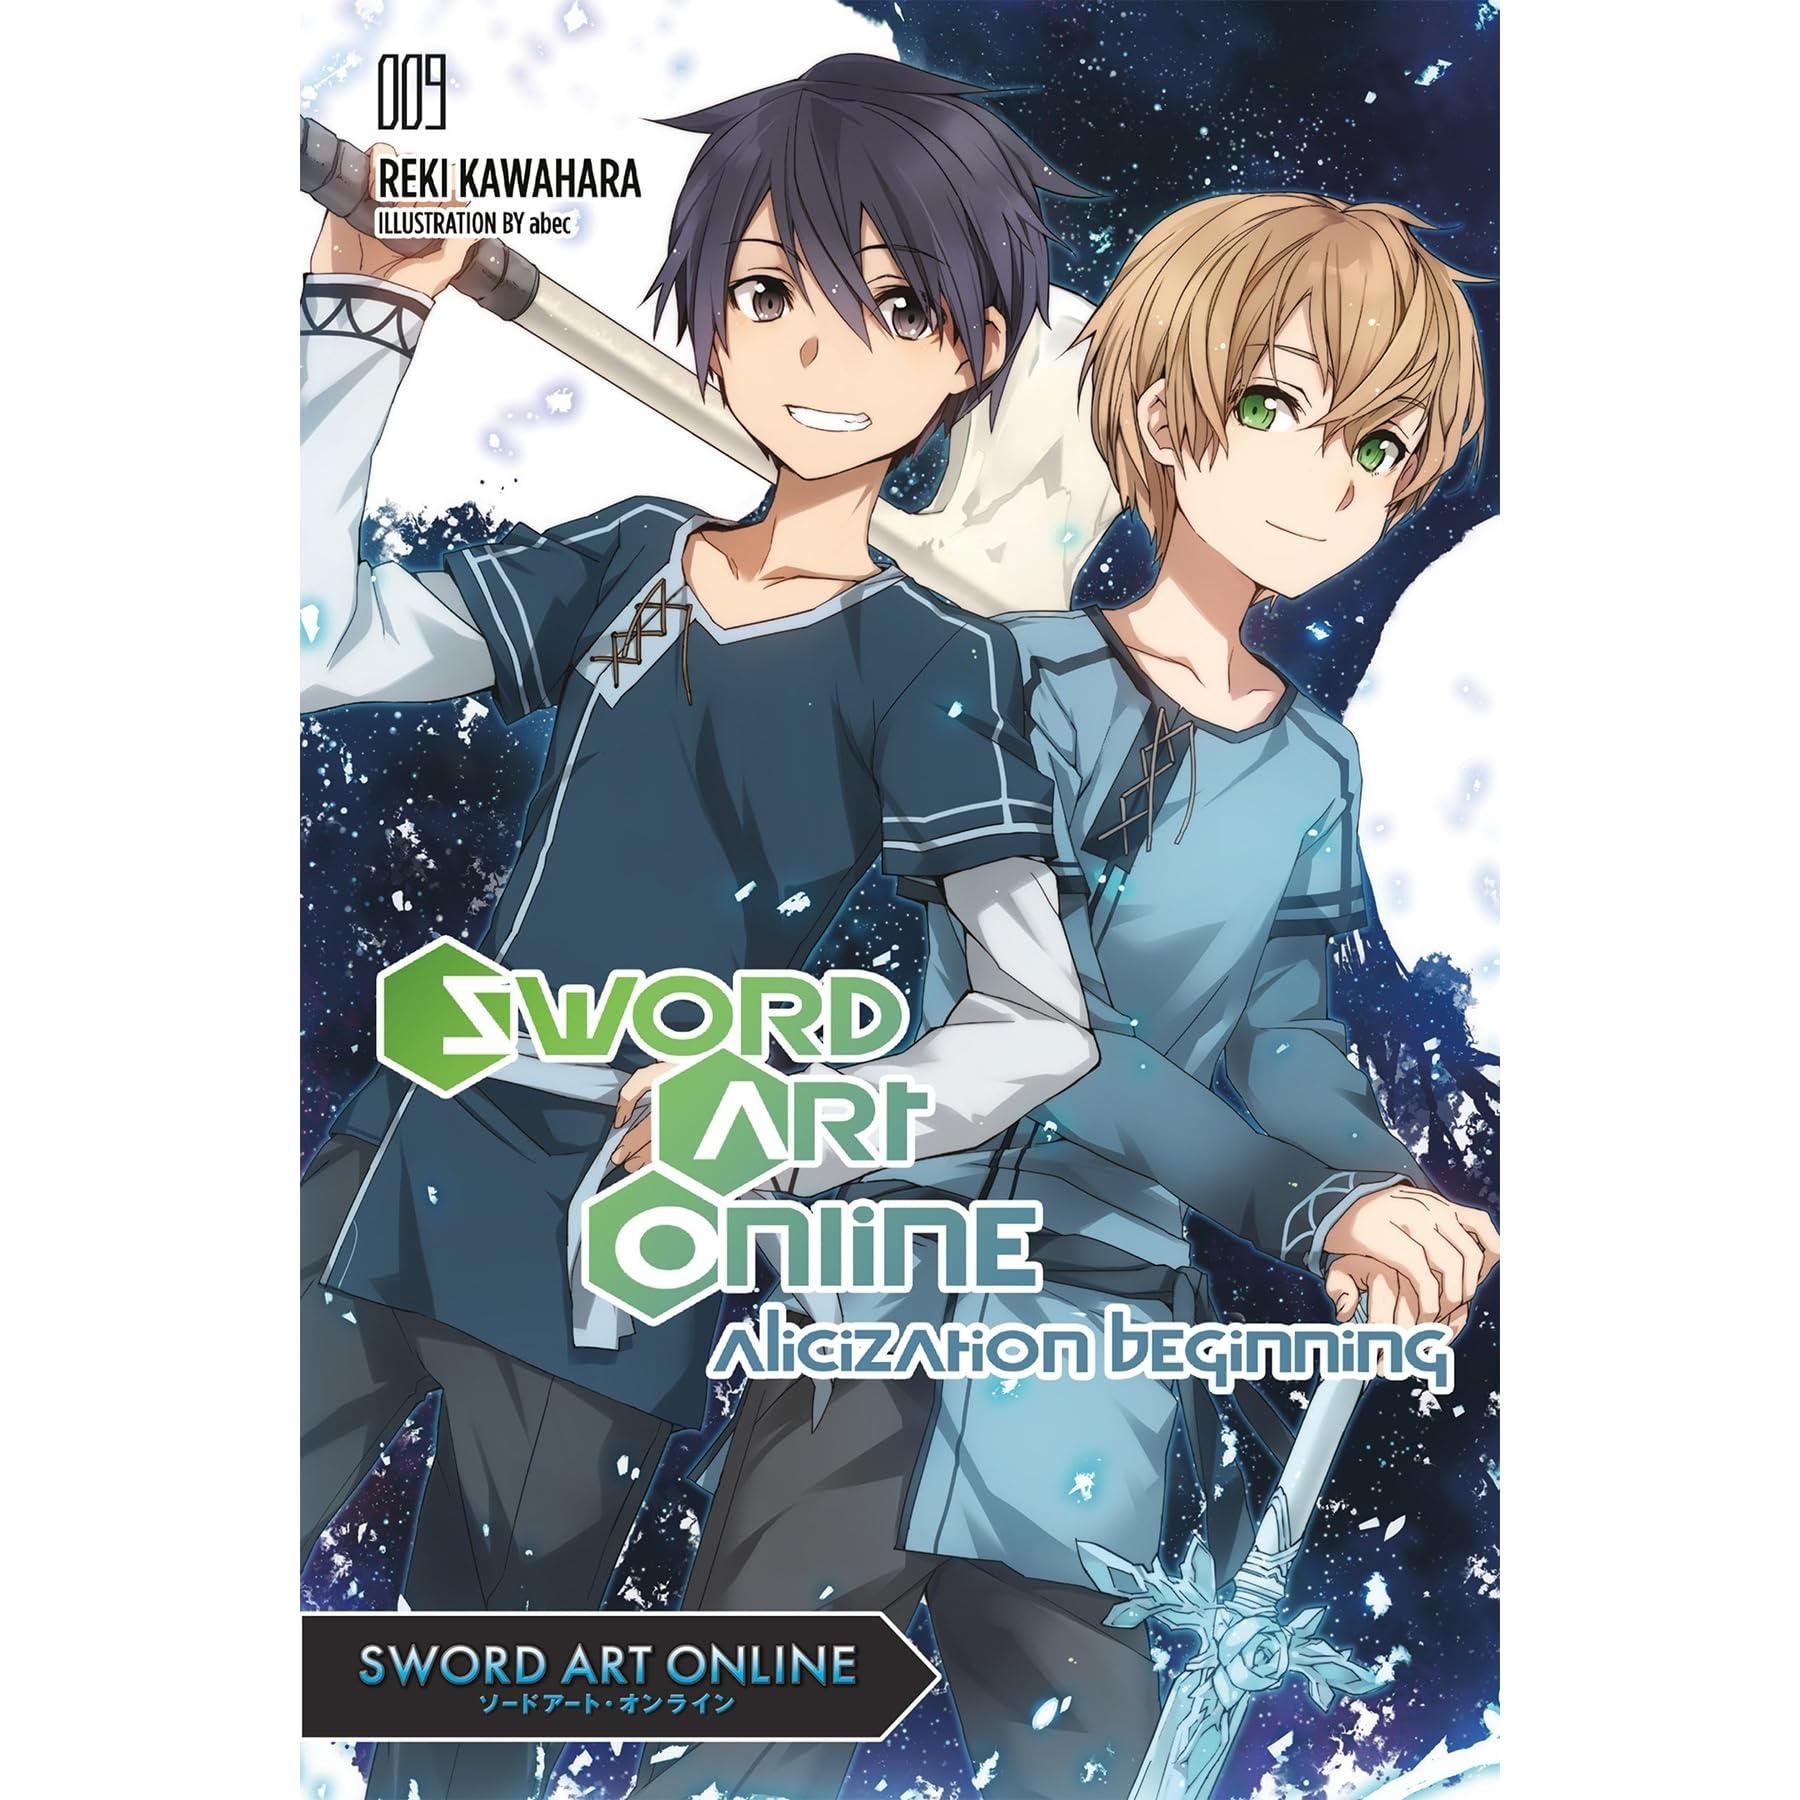 Sword Art Online 9: Alicization Beginning by Reki Kawahara